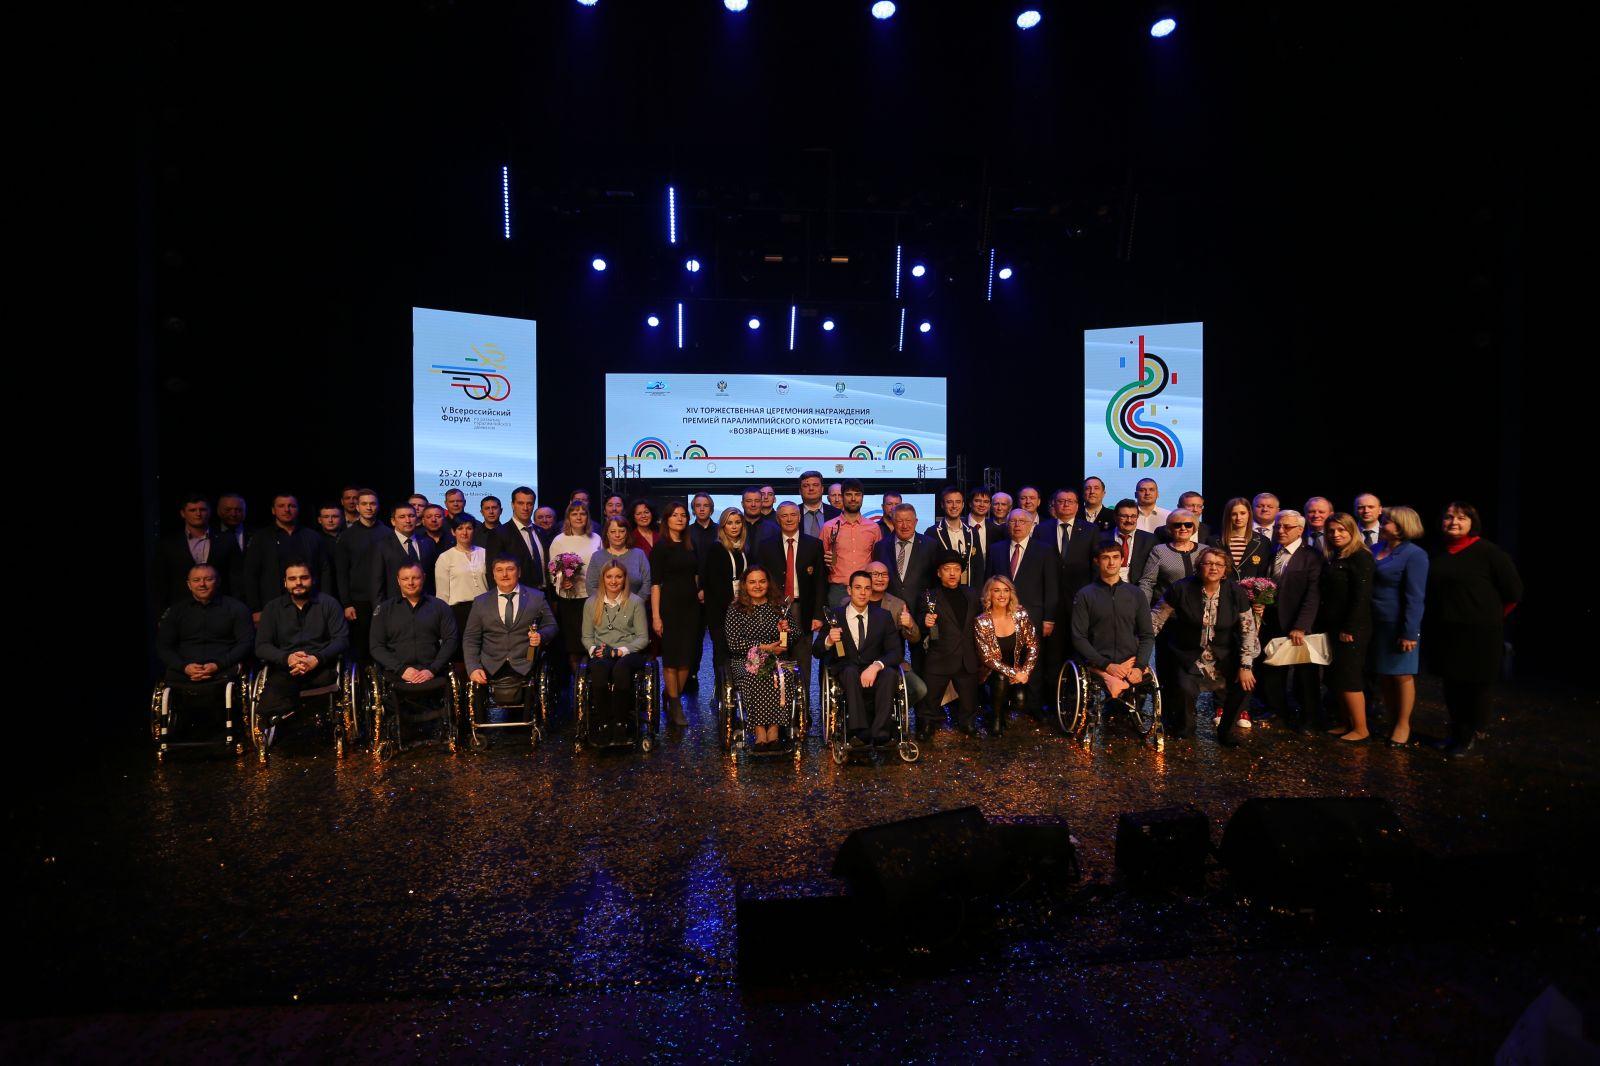 В Ханты-Мансийске состоялась Торжественная церемония награждения премией ПКР «Возвращение в жизнь»